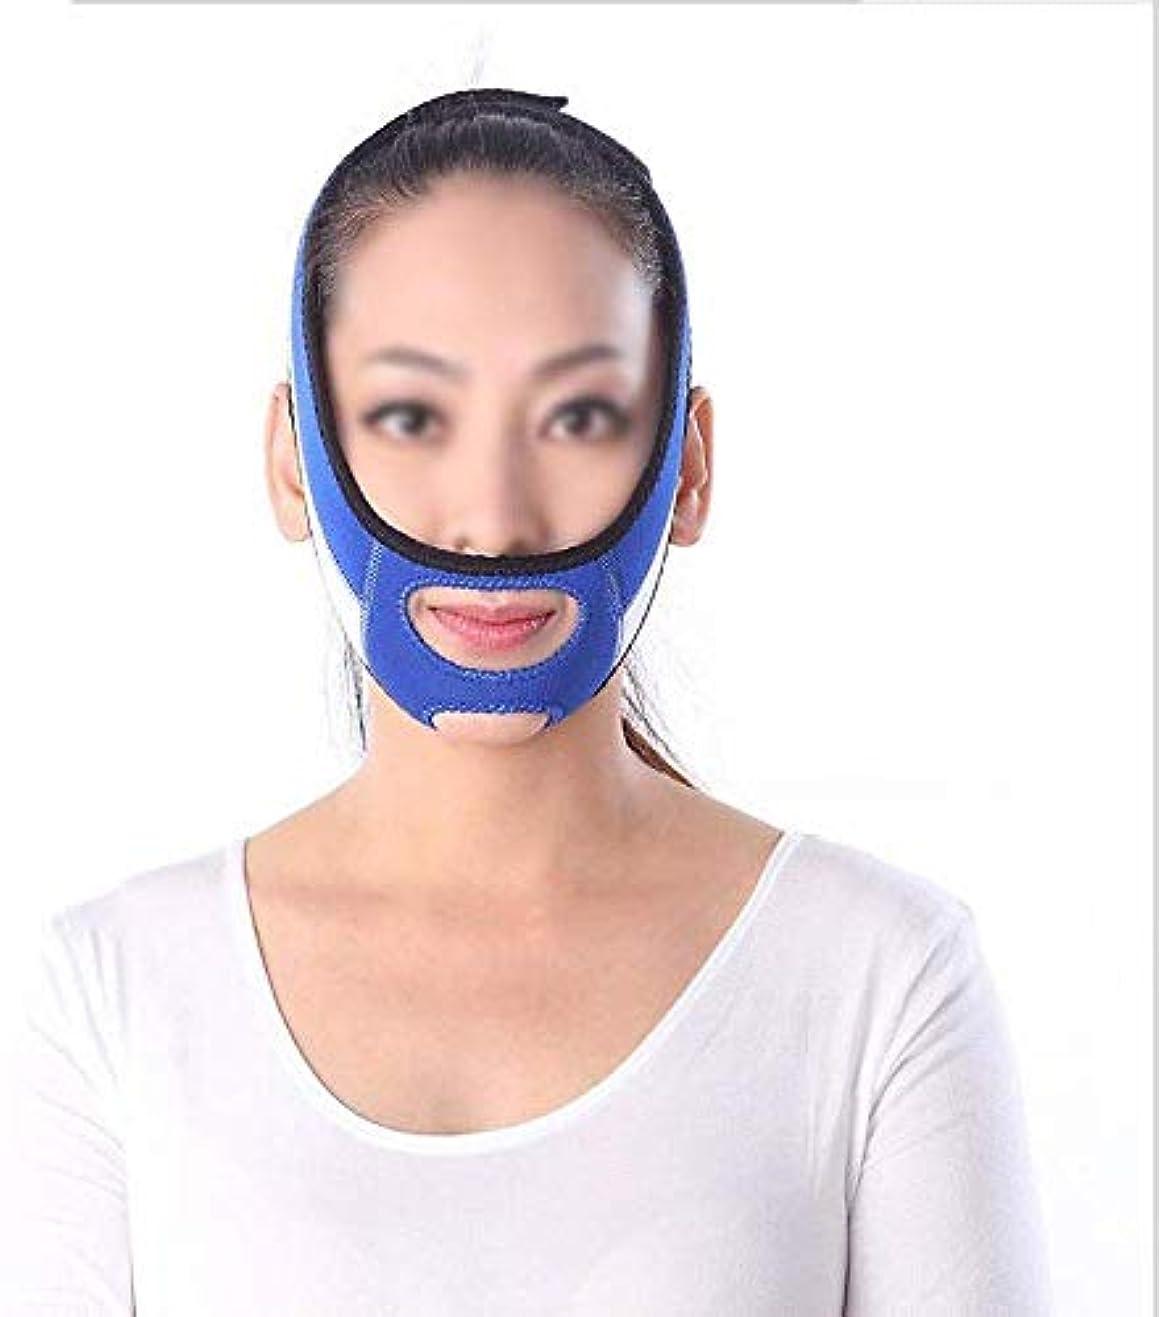 インタフェース社会主義用心美容と実用的なフェイスリフティングマスク、リフティングローパターン包帯ラインカービングリペアツールフェイスリフティングアーティファクトファーミングスキンスモールVフェイスバンド